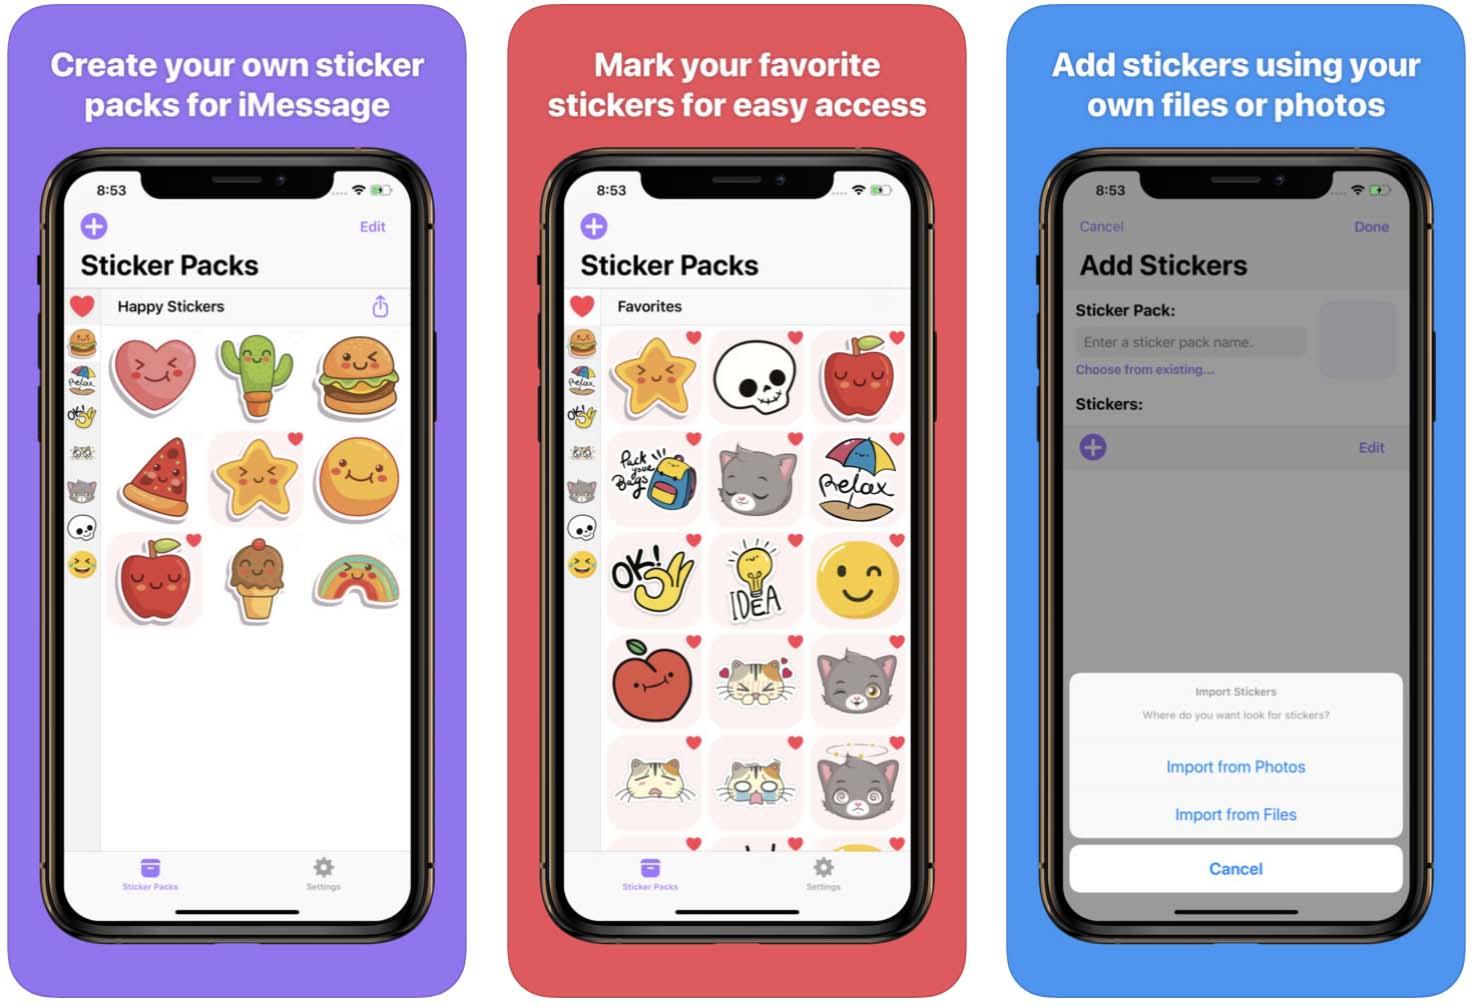 Telas do aplicativo Sticker Stash para iOS